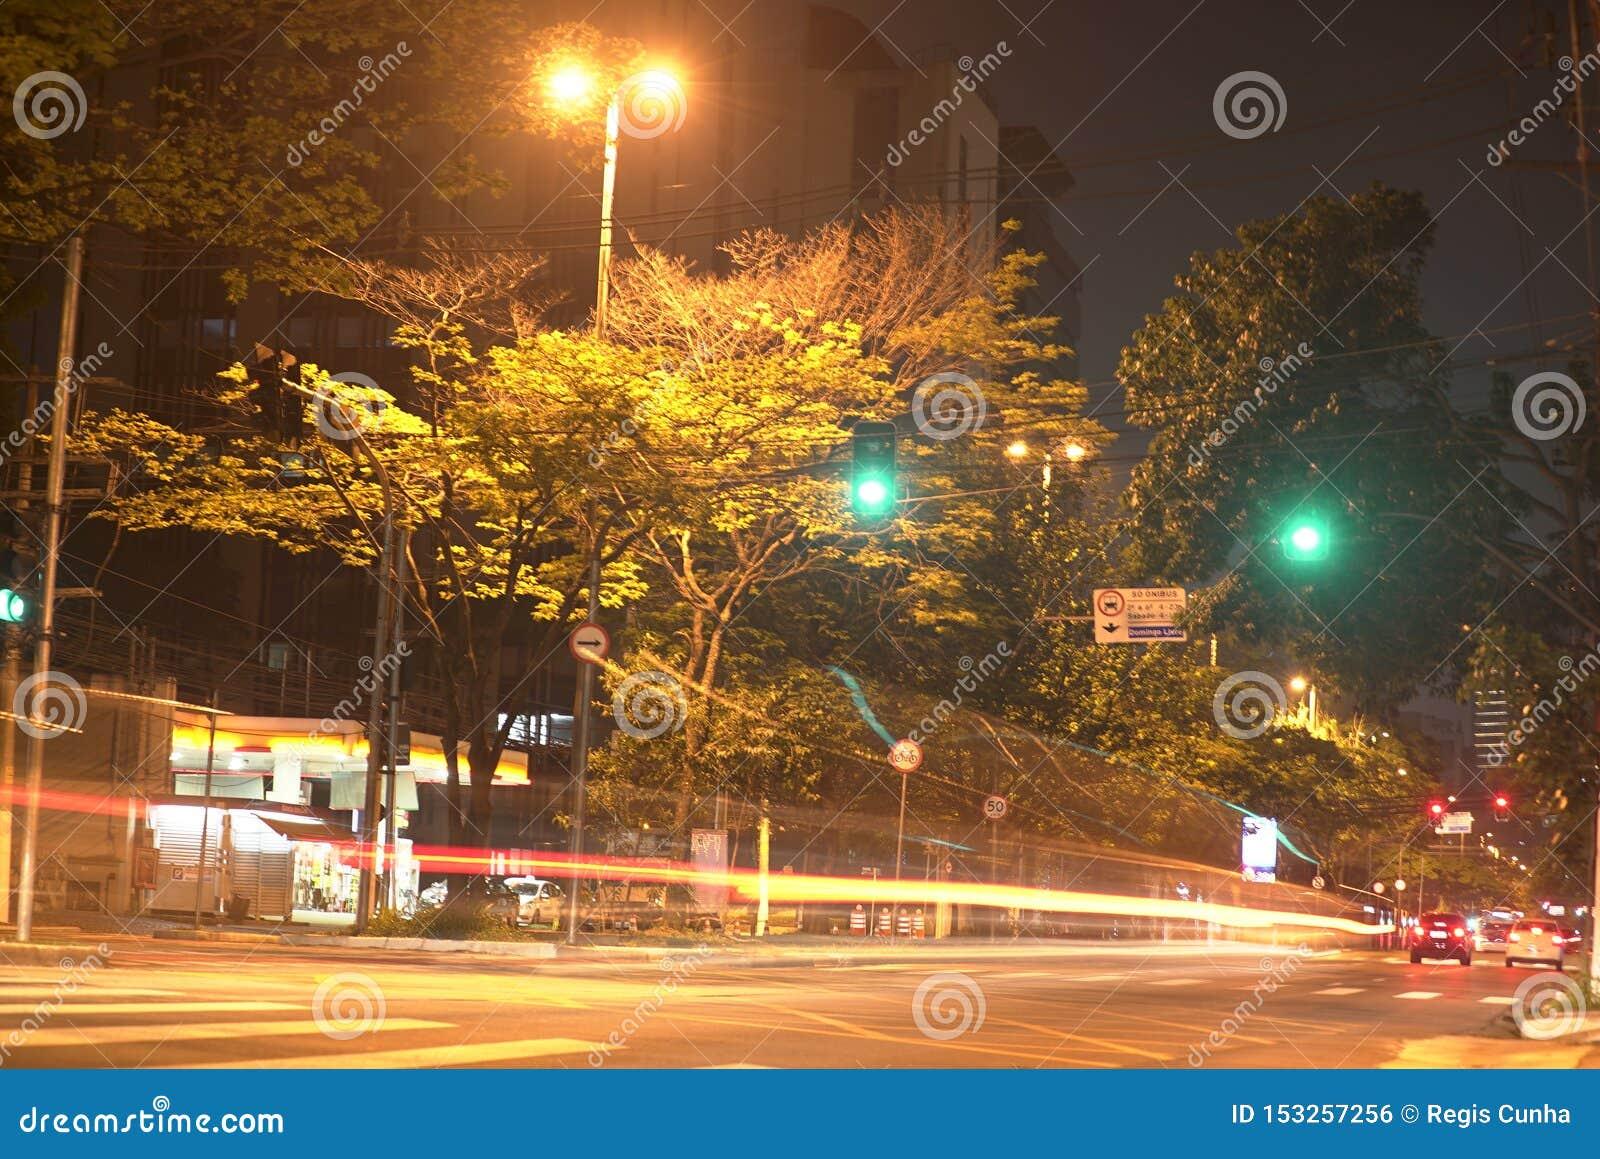 Timelapse en nigth, paisaje urbano hermoso con coches, motos y tráfico en el camino